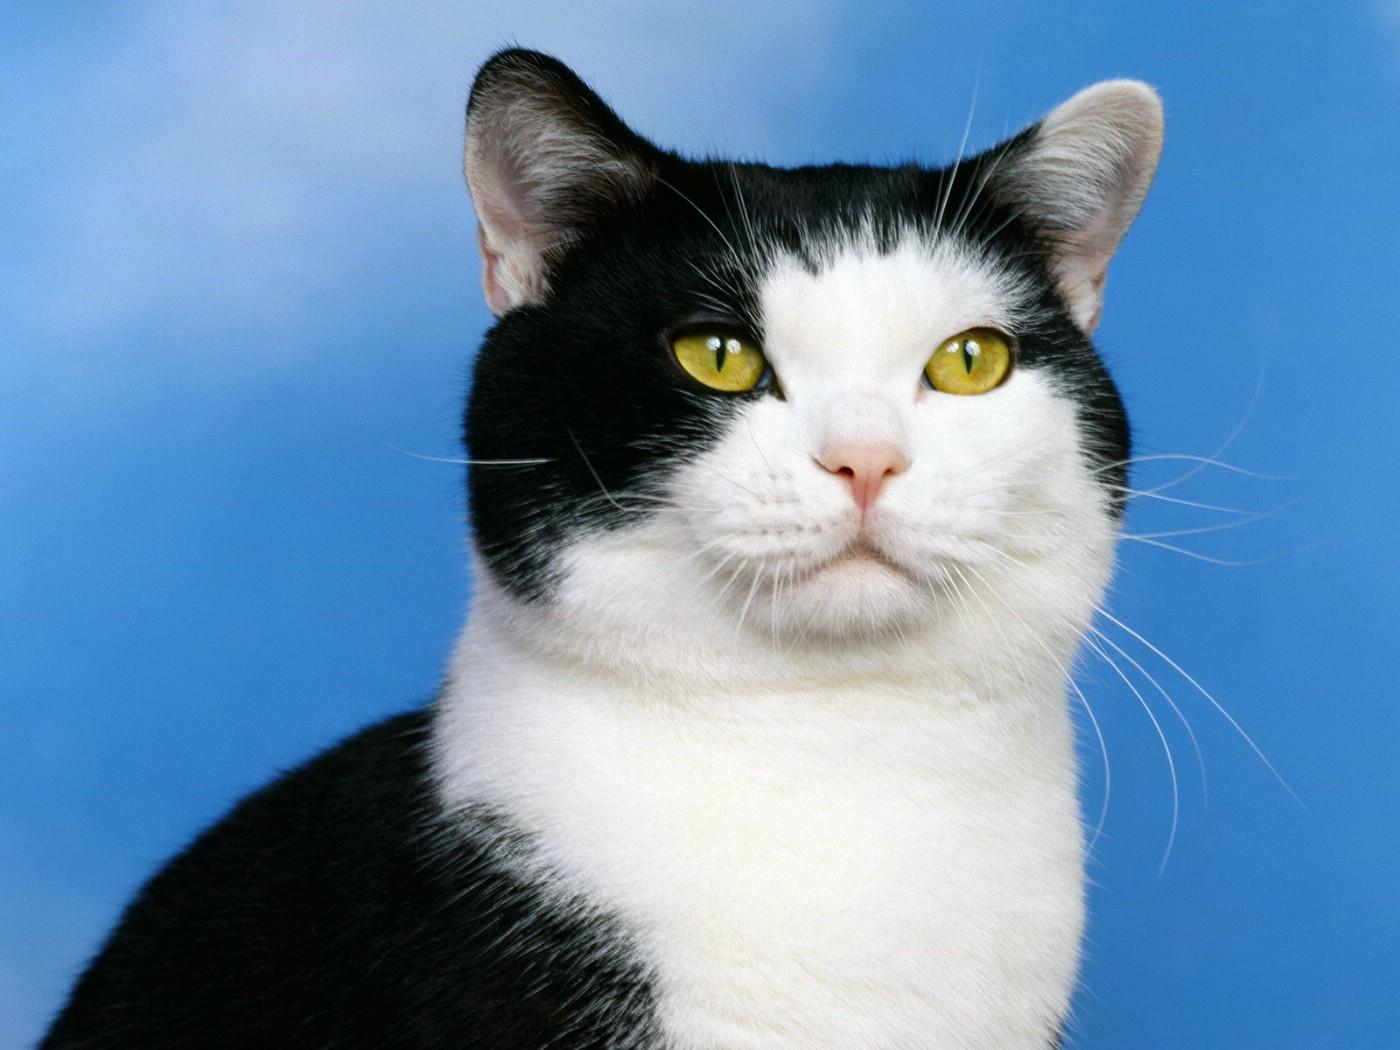 可爱小猫桌面壁纸下载壁纸图片动物壁纸动物图片素材桌面壁纸